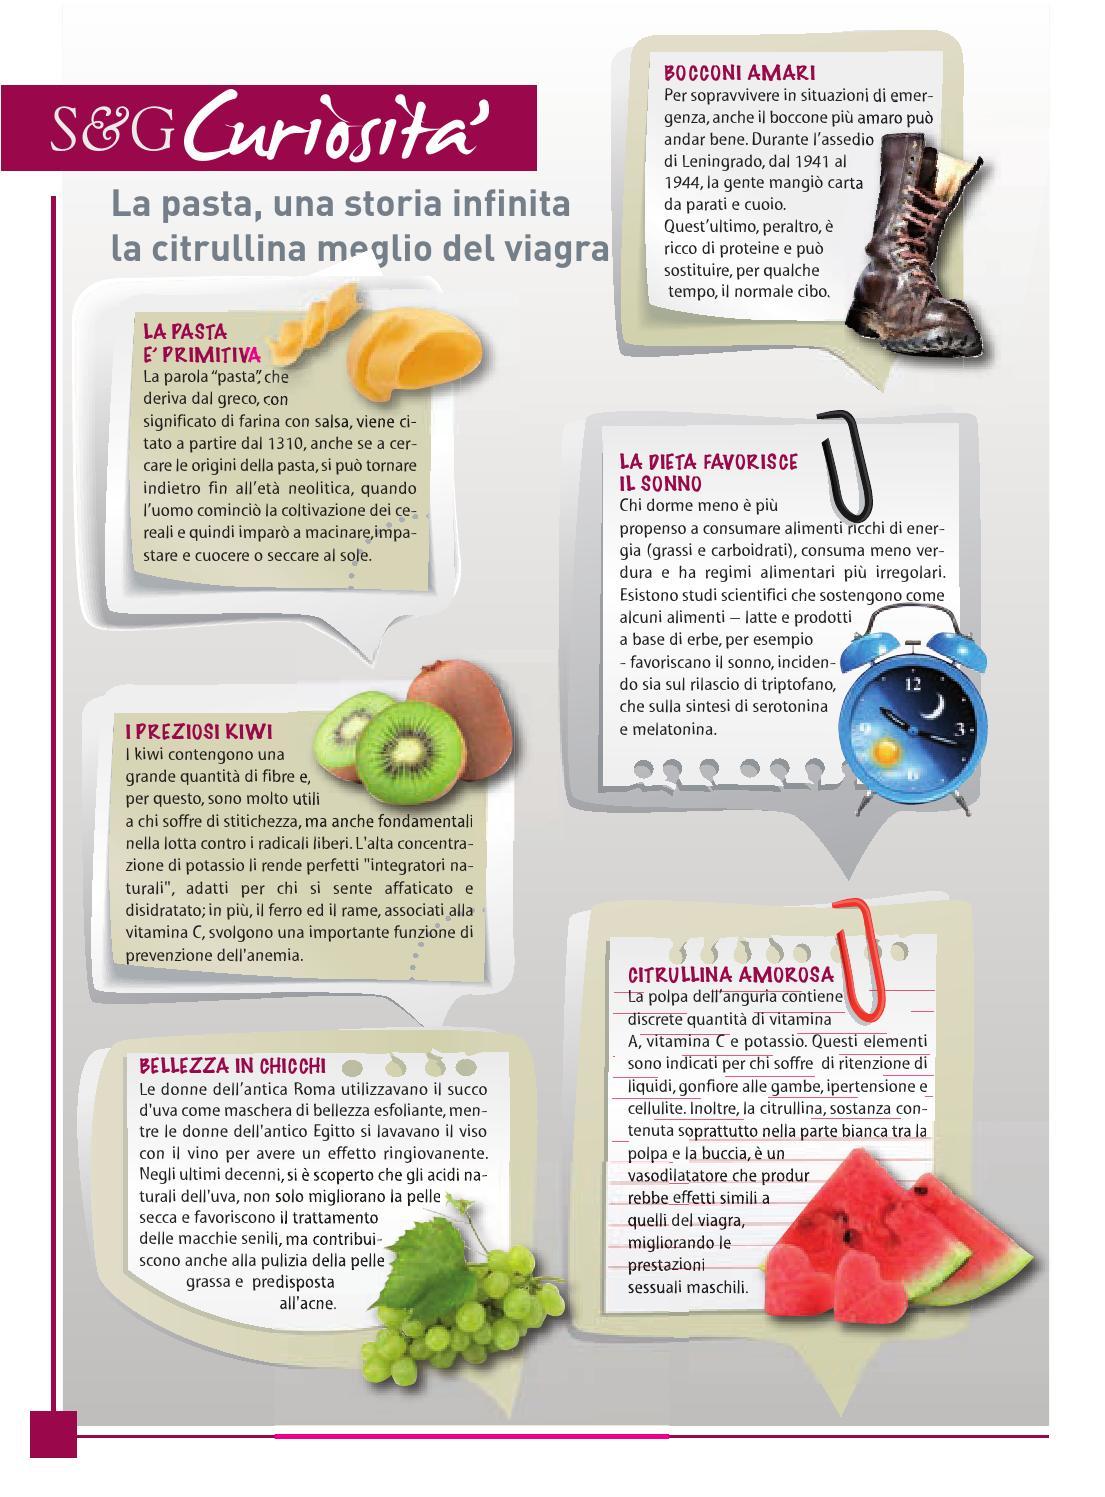 diete ricche di potassio